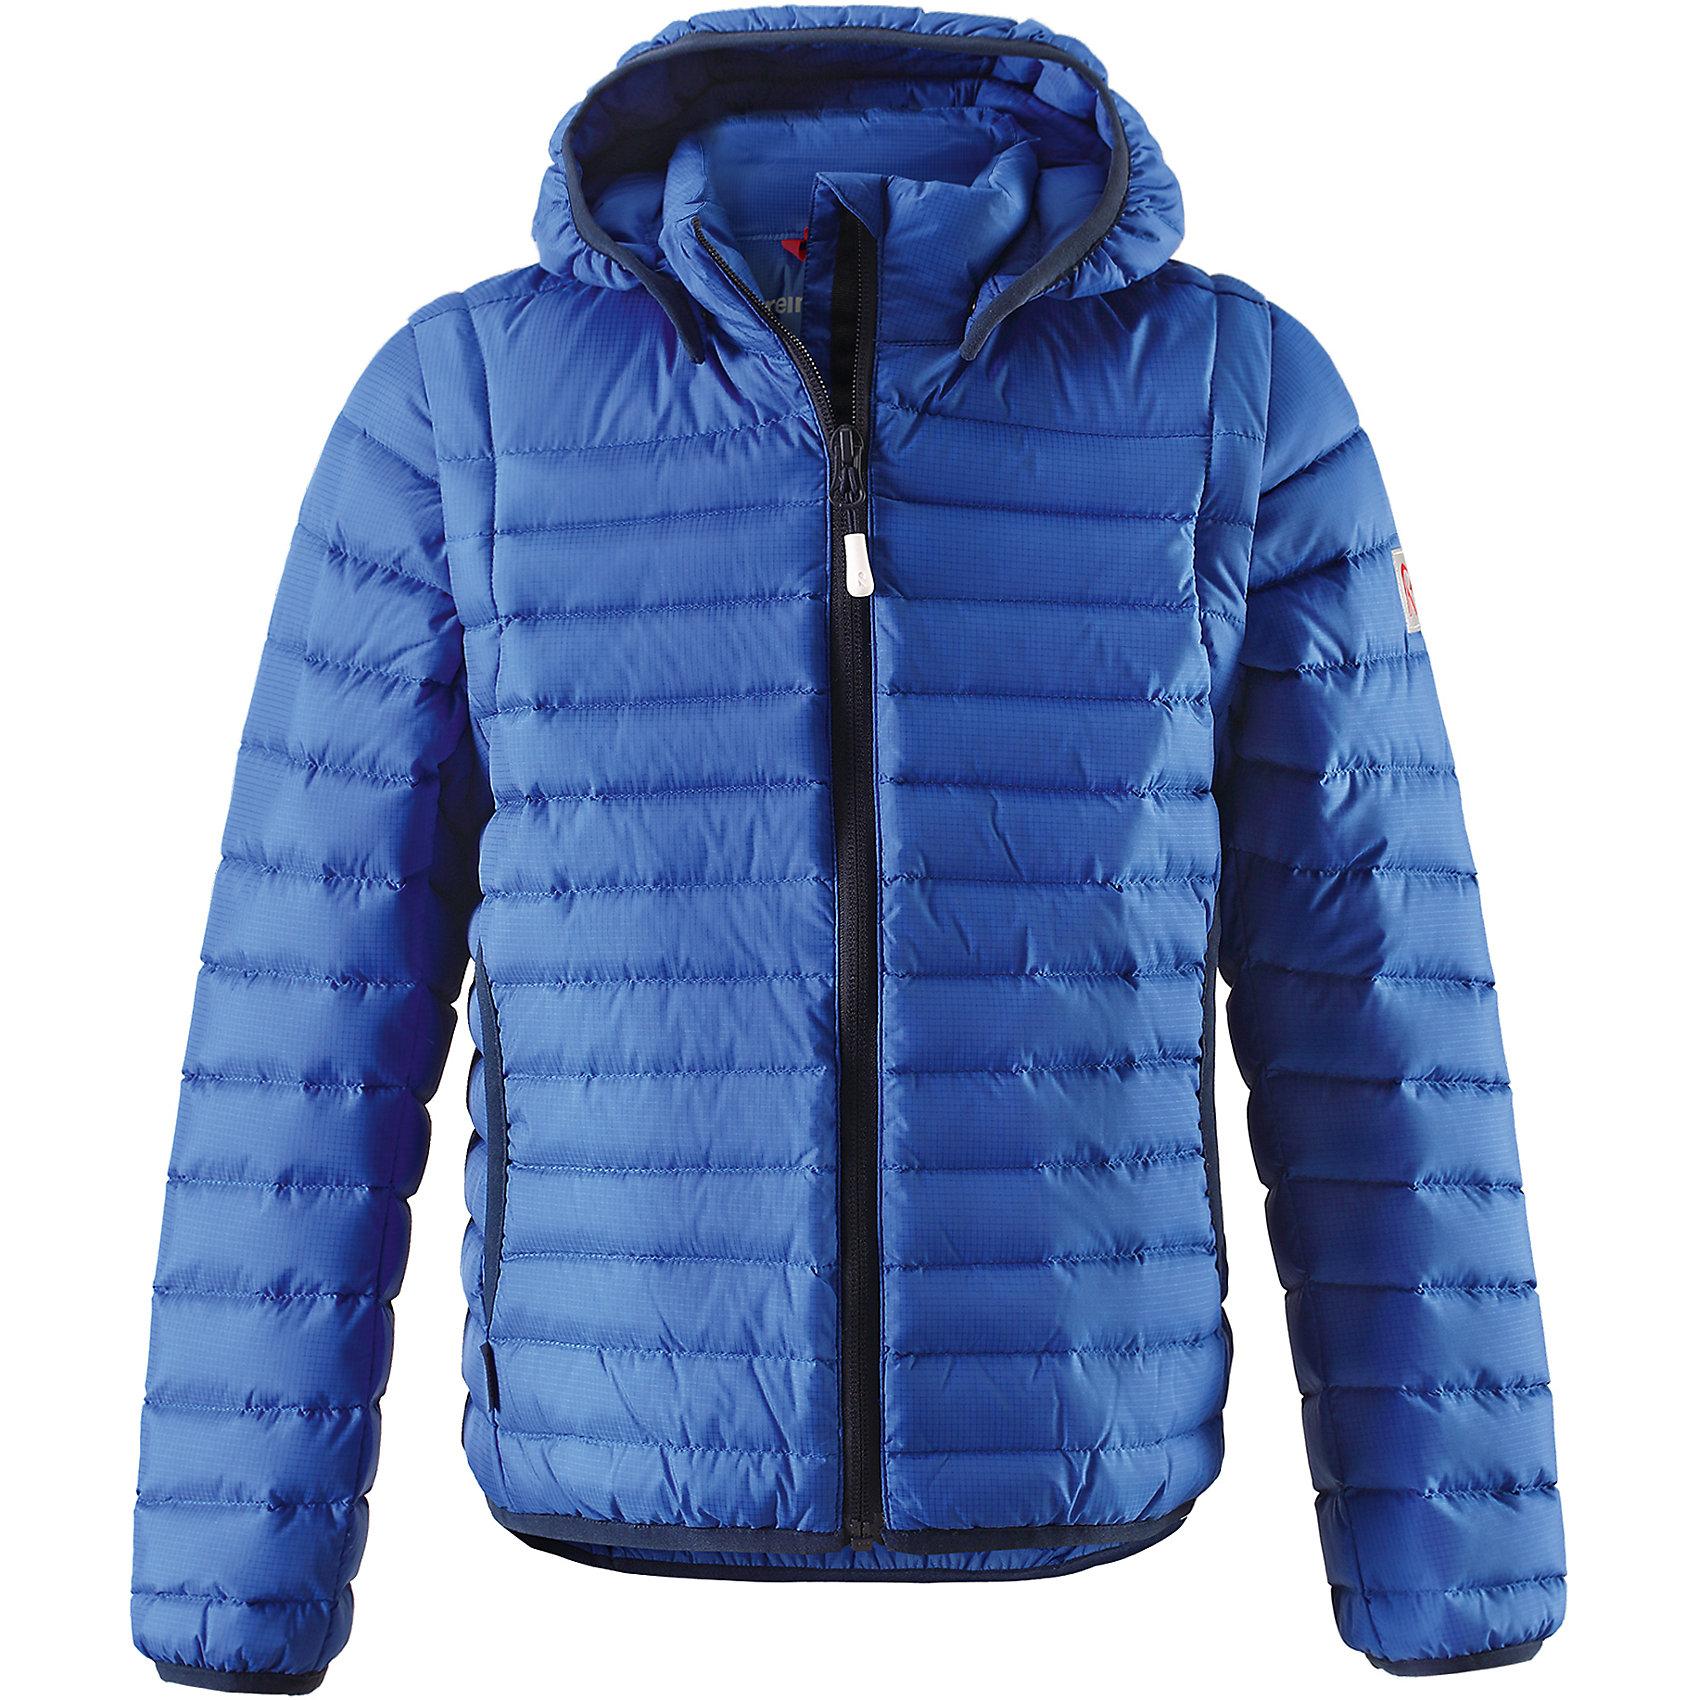 Куртка Fleet для мальчика ReimaОдежда<br>Характеристики товара:<br><br>• цвет: синий<br>• состав: 100% полиамид<br>• температурный режим: от 0°до +10°С<br>• легкий утеплитель: пух, перо 80/20<br>• износостойкость: 30000 (тест Мартиндейла)<br>• швы проклеены и водонепроницаемы<br>• ветронепроницаемый «дышащий» материал<br>• водоотталкивающий верх<br>• эластичная сборка по краю капюшона, на манжетах и на подоле<br>• отстегивающиеся рукава на молнии<br>• безопасный съёмный капюшон<br>• усовершенствованная молния - ни один зубчик больше не застрянет!<br>• два боковых кармана<br>• светоотражающие детали<br>• комфортная посадка<br>• страна производства: Китай<br>• страна бренда: Финляндия<br>• коллекция: весна-лето 2017<br><br>Верхняя одежда для детей может быть модной и комфортной одновременно! Демисезонная куртка поможет обеспечить ребенку комфорт и тепло. Она отлично смотрится с различной одеждой и обувью. Изделие удобно сидит и модно выглядит. Материал - прочный, хорошо подходящий для межсезонья. Стильный дизайн разрабатывался специально для детей.<br><br>Одежда и обувь от финского бренда Reima пользуется популярностью во многих странах. Эти изделия стильные, качественные и удобные. Для производства продукции используются только безопасные, проверенные материалы и фурнитура. Порадуйте ребенка модными и красивыми вещами от Reima! <br><br>Куртку для мальчика Reimatec® от финского бренда Reima (Рейма) можно купить в нашем интернет-магазине.<br><br>Ширина мм: 356<br>Глубина мм: 10<br>Высота мм: 245<br>Вес г: 519<br>Цвет: синий<br>Возраст от месяцев: 84<br>Возраст до месяцев: 96<br>Пол: Мужской<br>Возраст: Детский<br>Размер: 128,164,158,152,146,140,134,116,122,110,104<br>SKU: 5267700